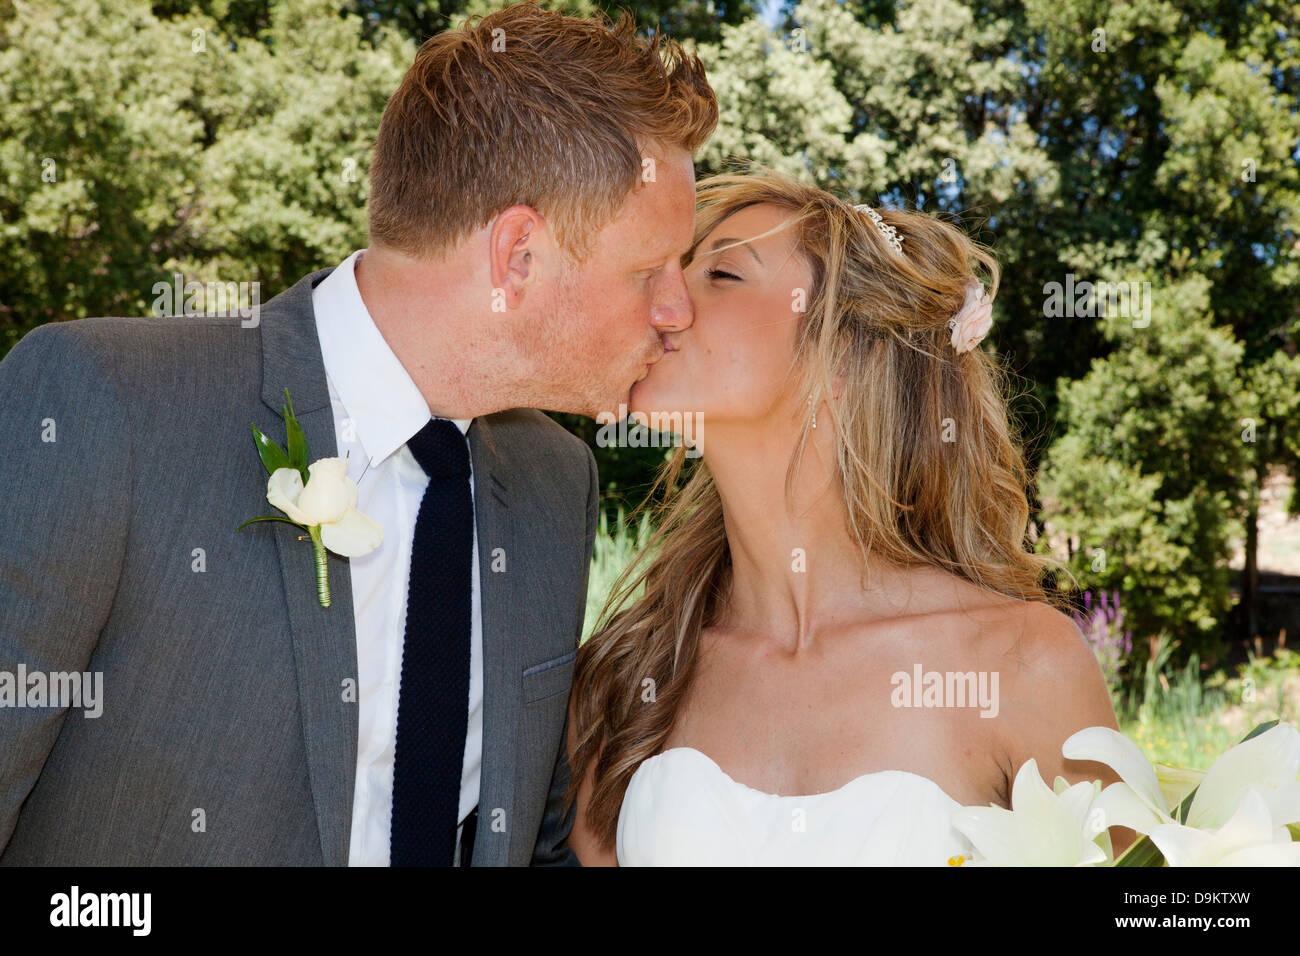 Mitte Erwachsenen Braut und Bräutigam küssen am Hochzeitstag Stockbild